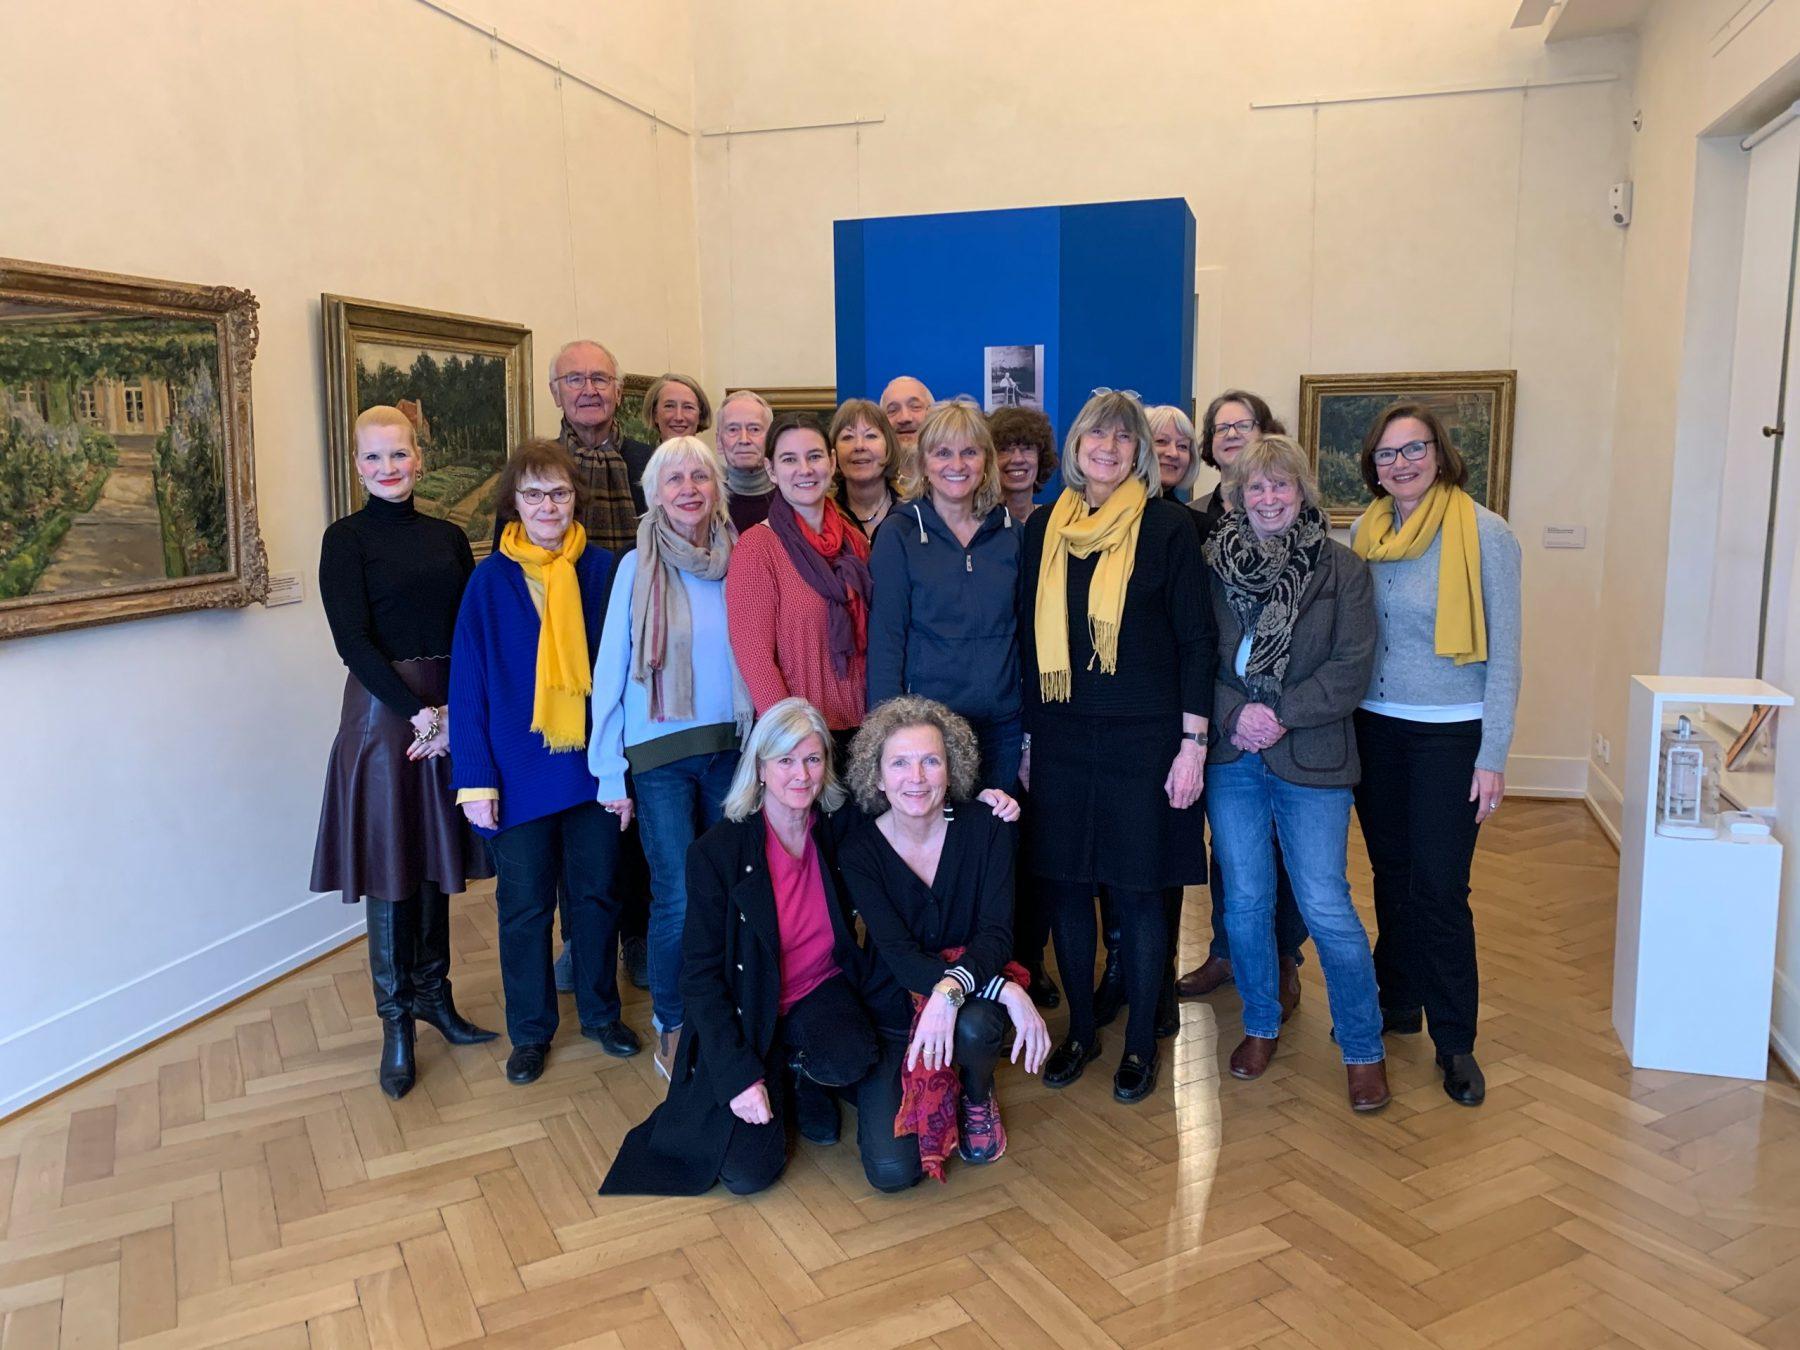 Eine große Gruppe an Personen blickt lächelnd frontal in die Kamera. Sie stehen in einem Ausstellungsrau der Liebermann-Villa.